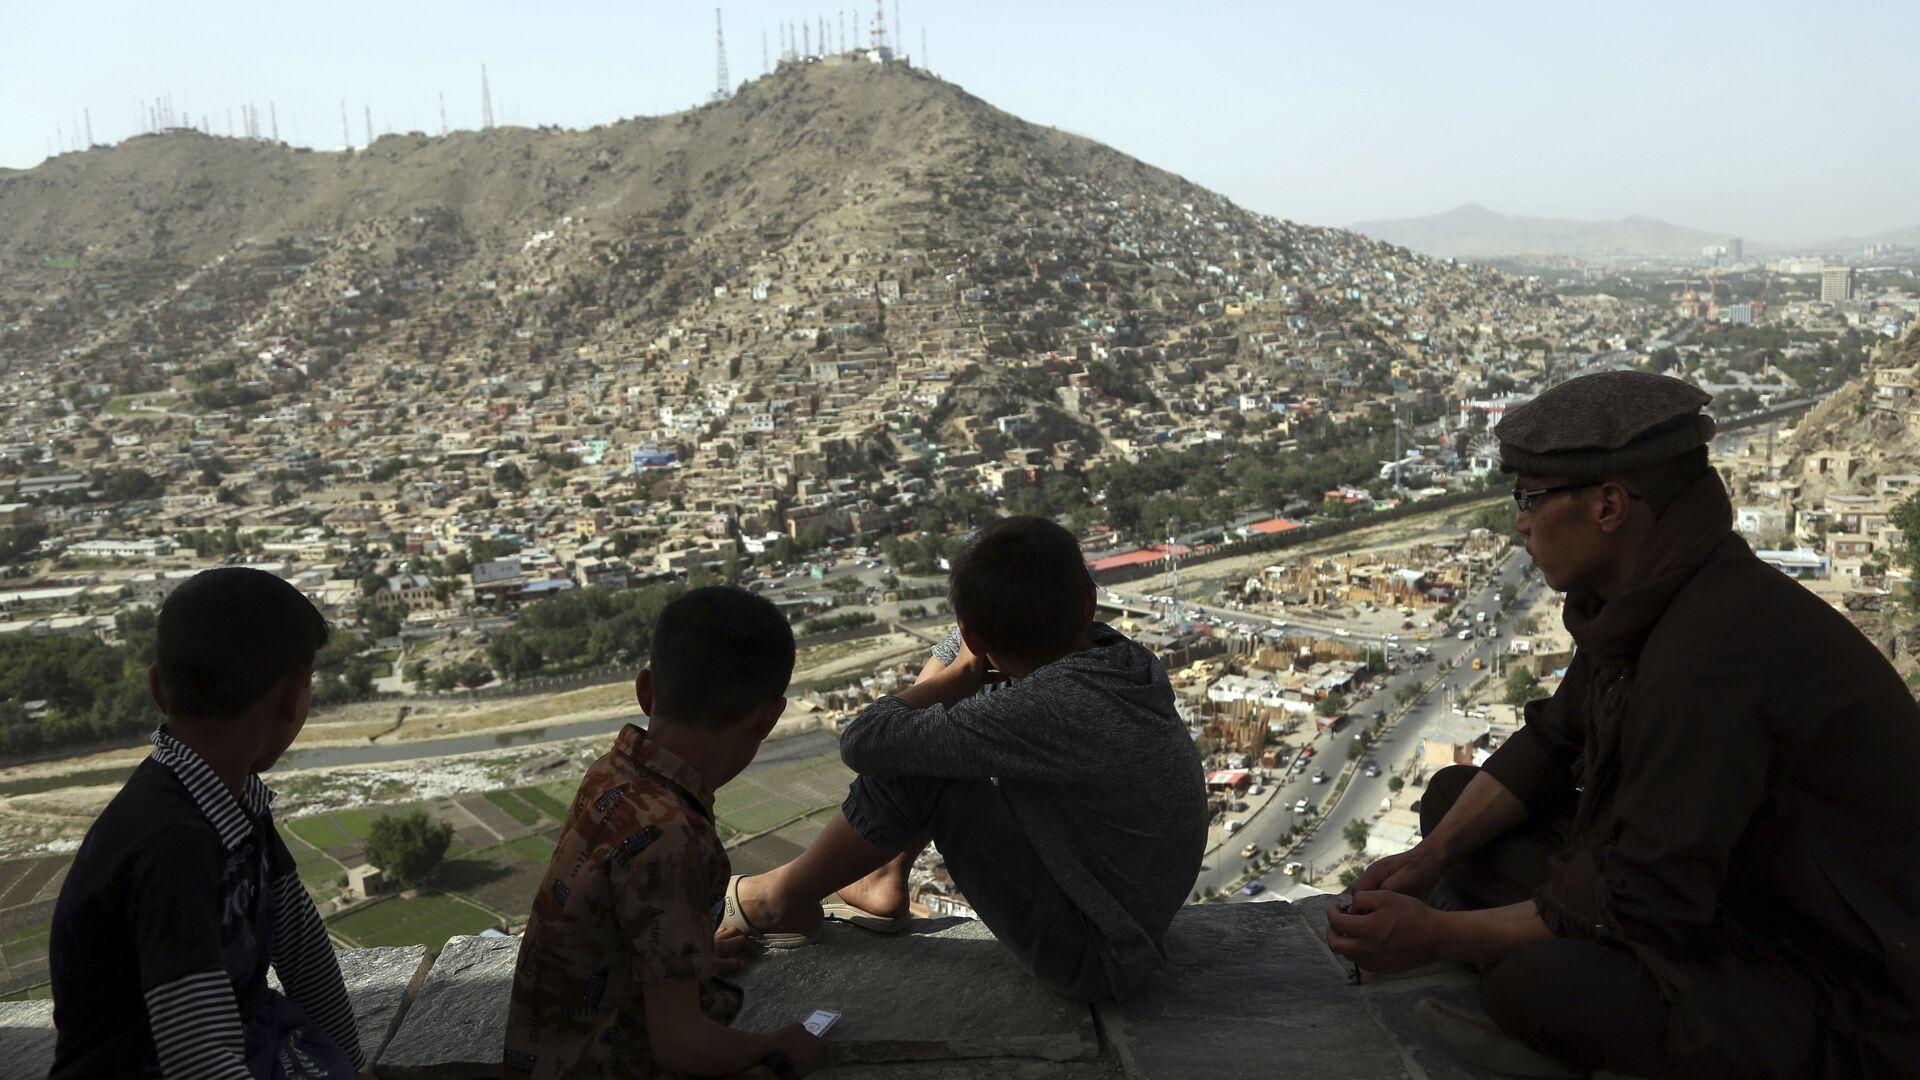 Подростки смотрят на город Кабул - РИА Новости, 1920, 23.01.2021